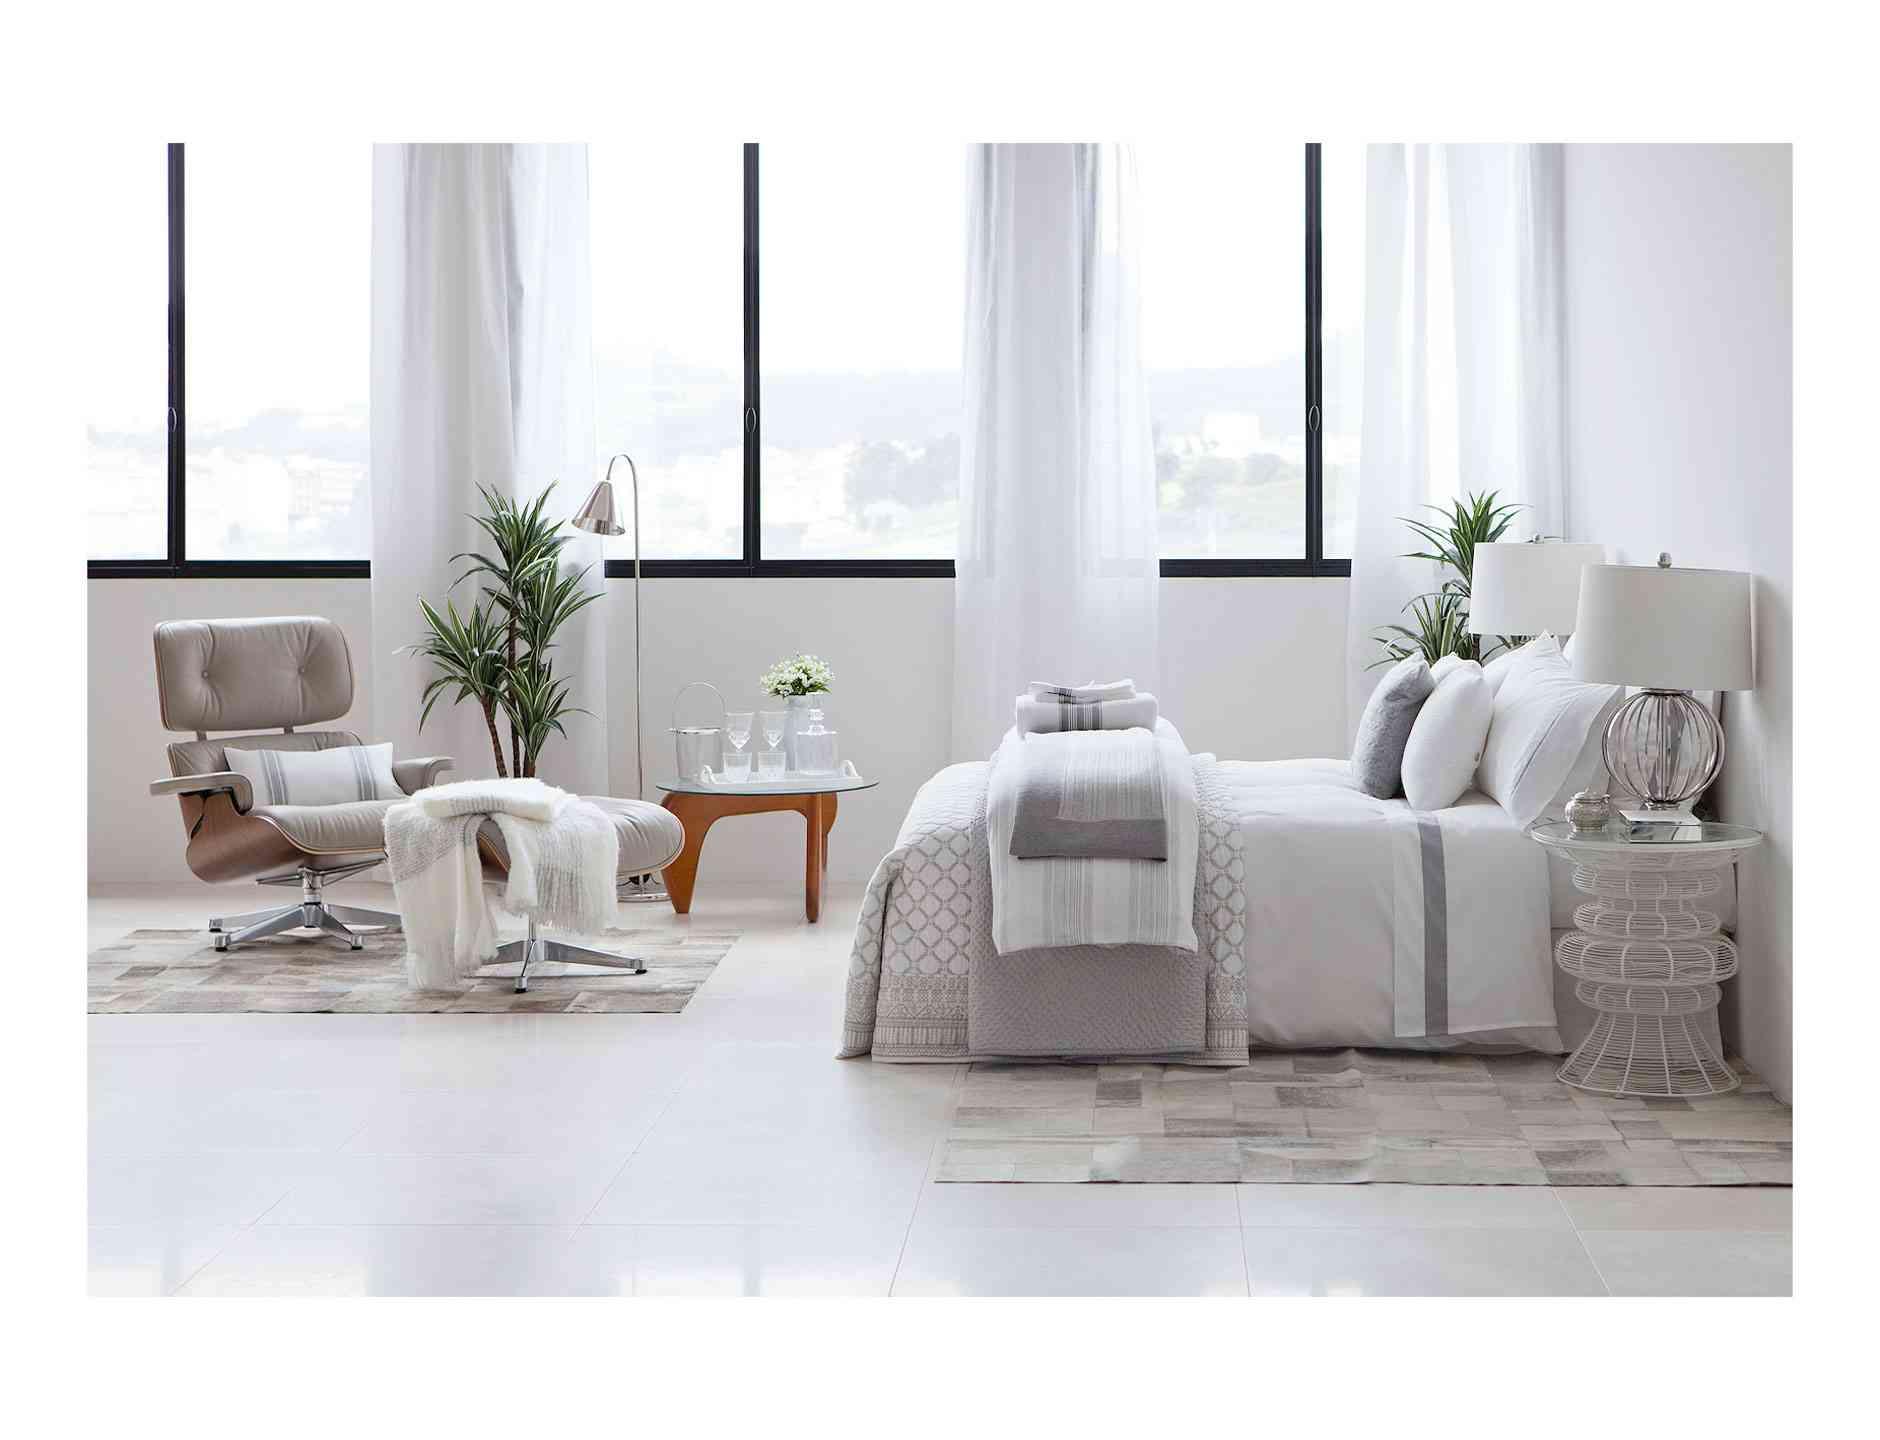 Oriental Bedroom Inspiration